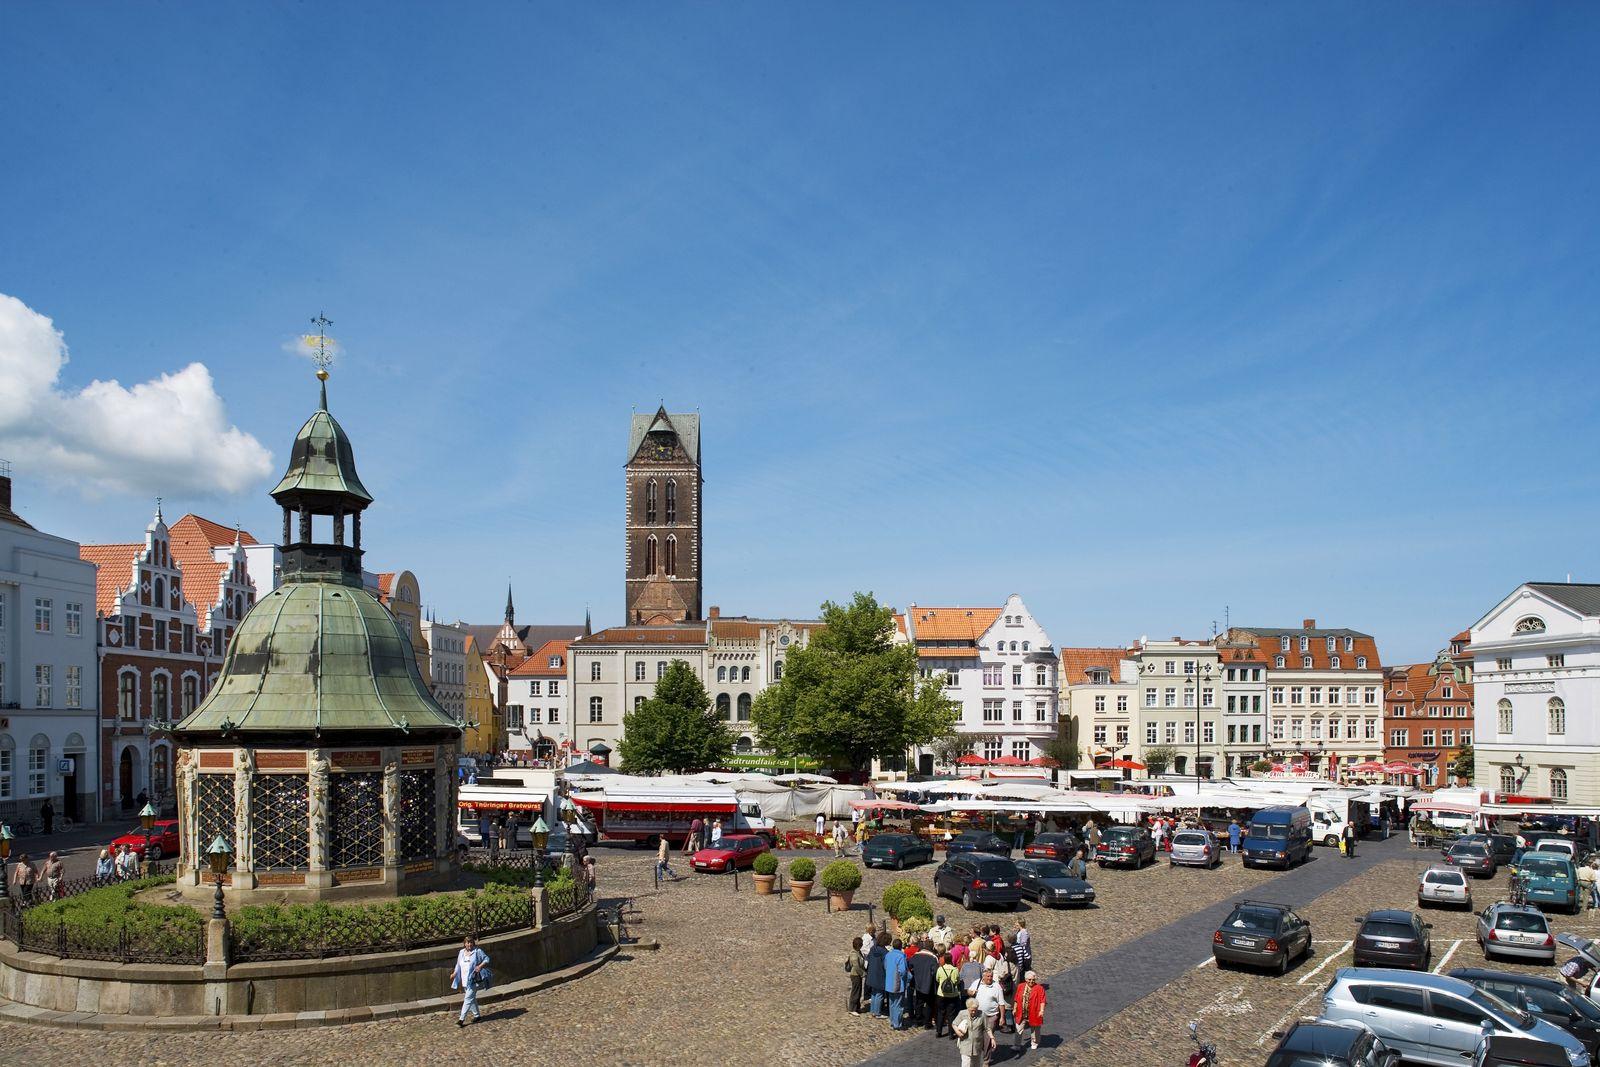 NICHT MEHR VERWENDEN! - Wismar / Marktplatz